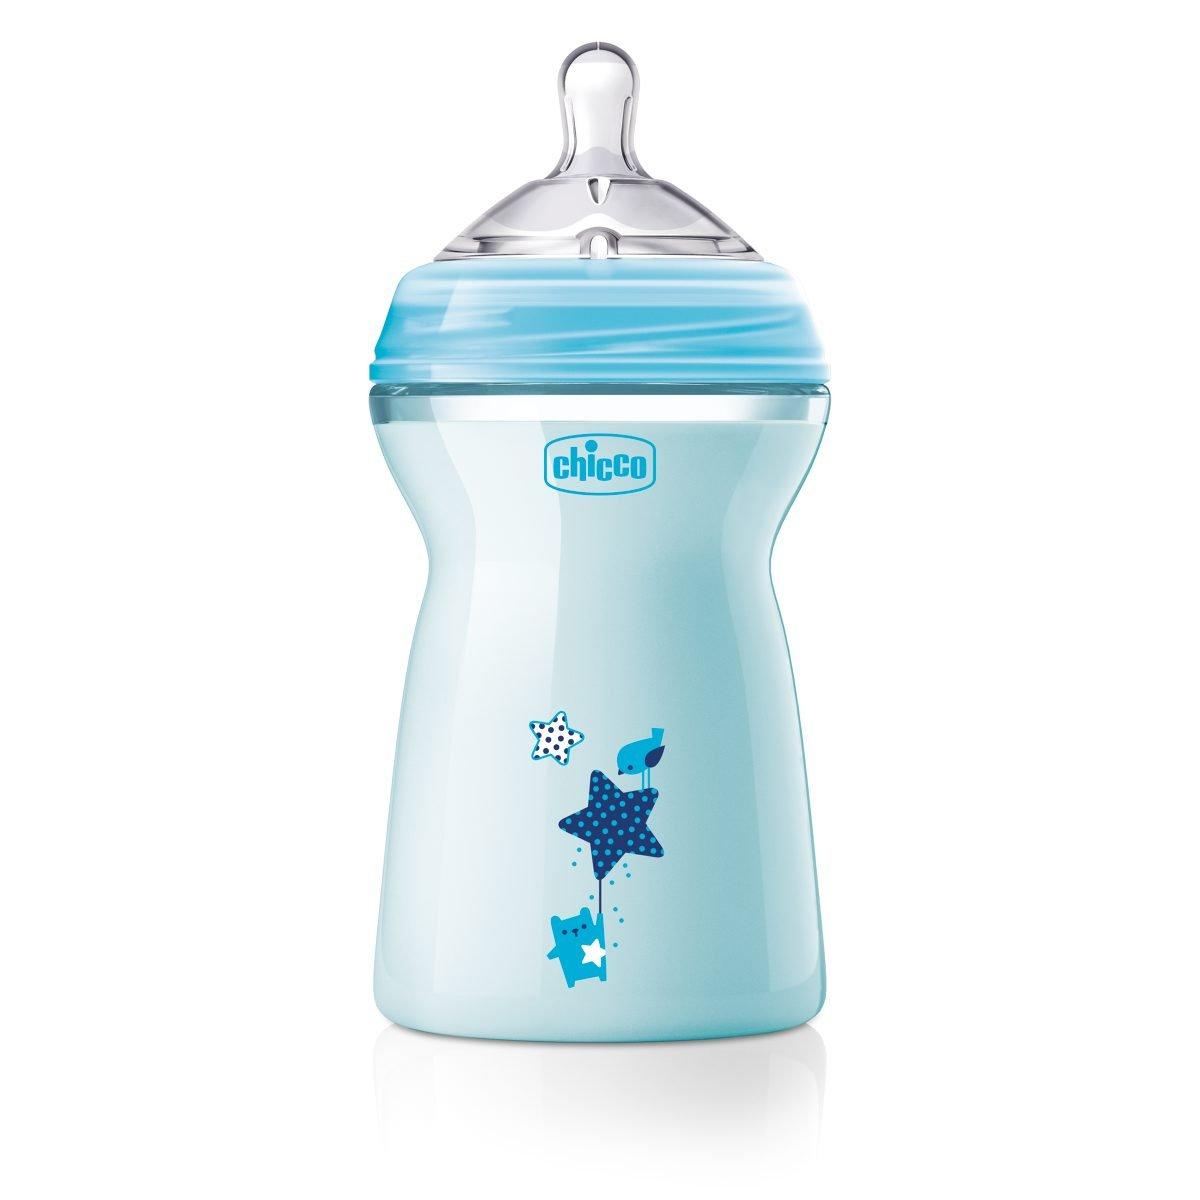 330 ml flujo r/ápido Biber/ón con tetina especial para lactancia mixta 6 m+ Chicco NaturalFeeling azul